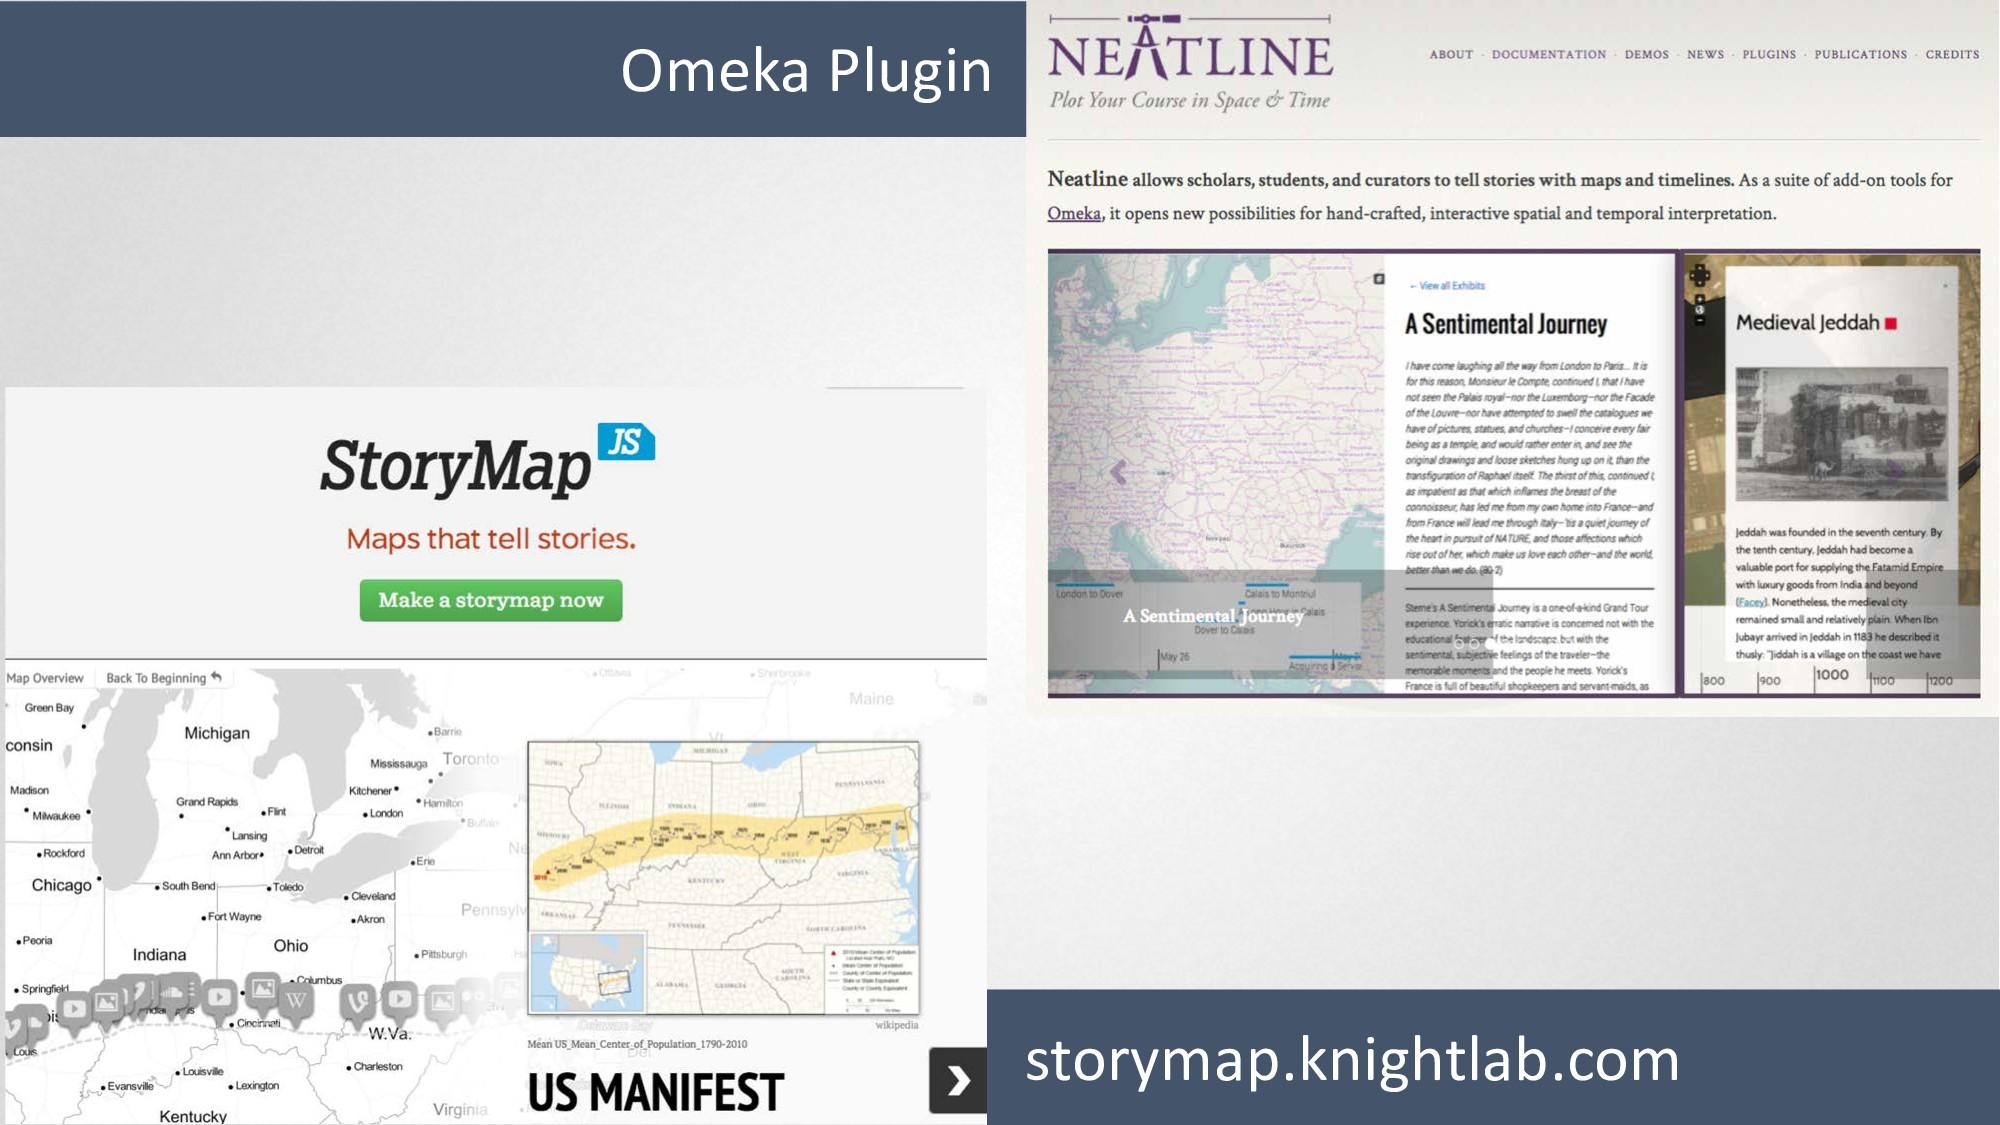 storymap.knightlab.com Omeka Plugin